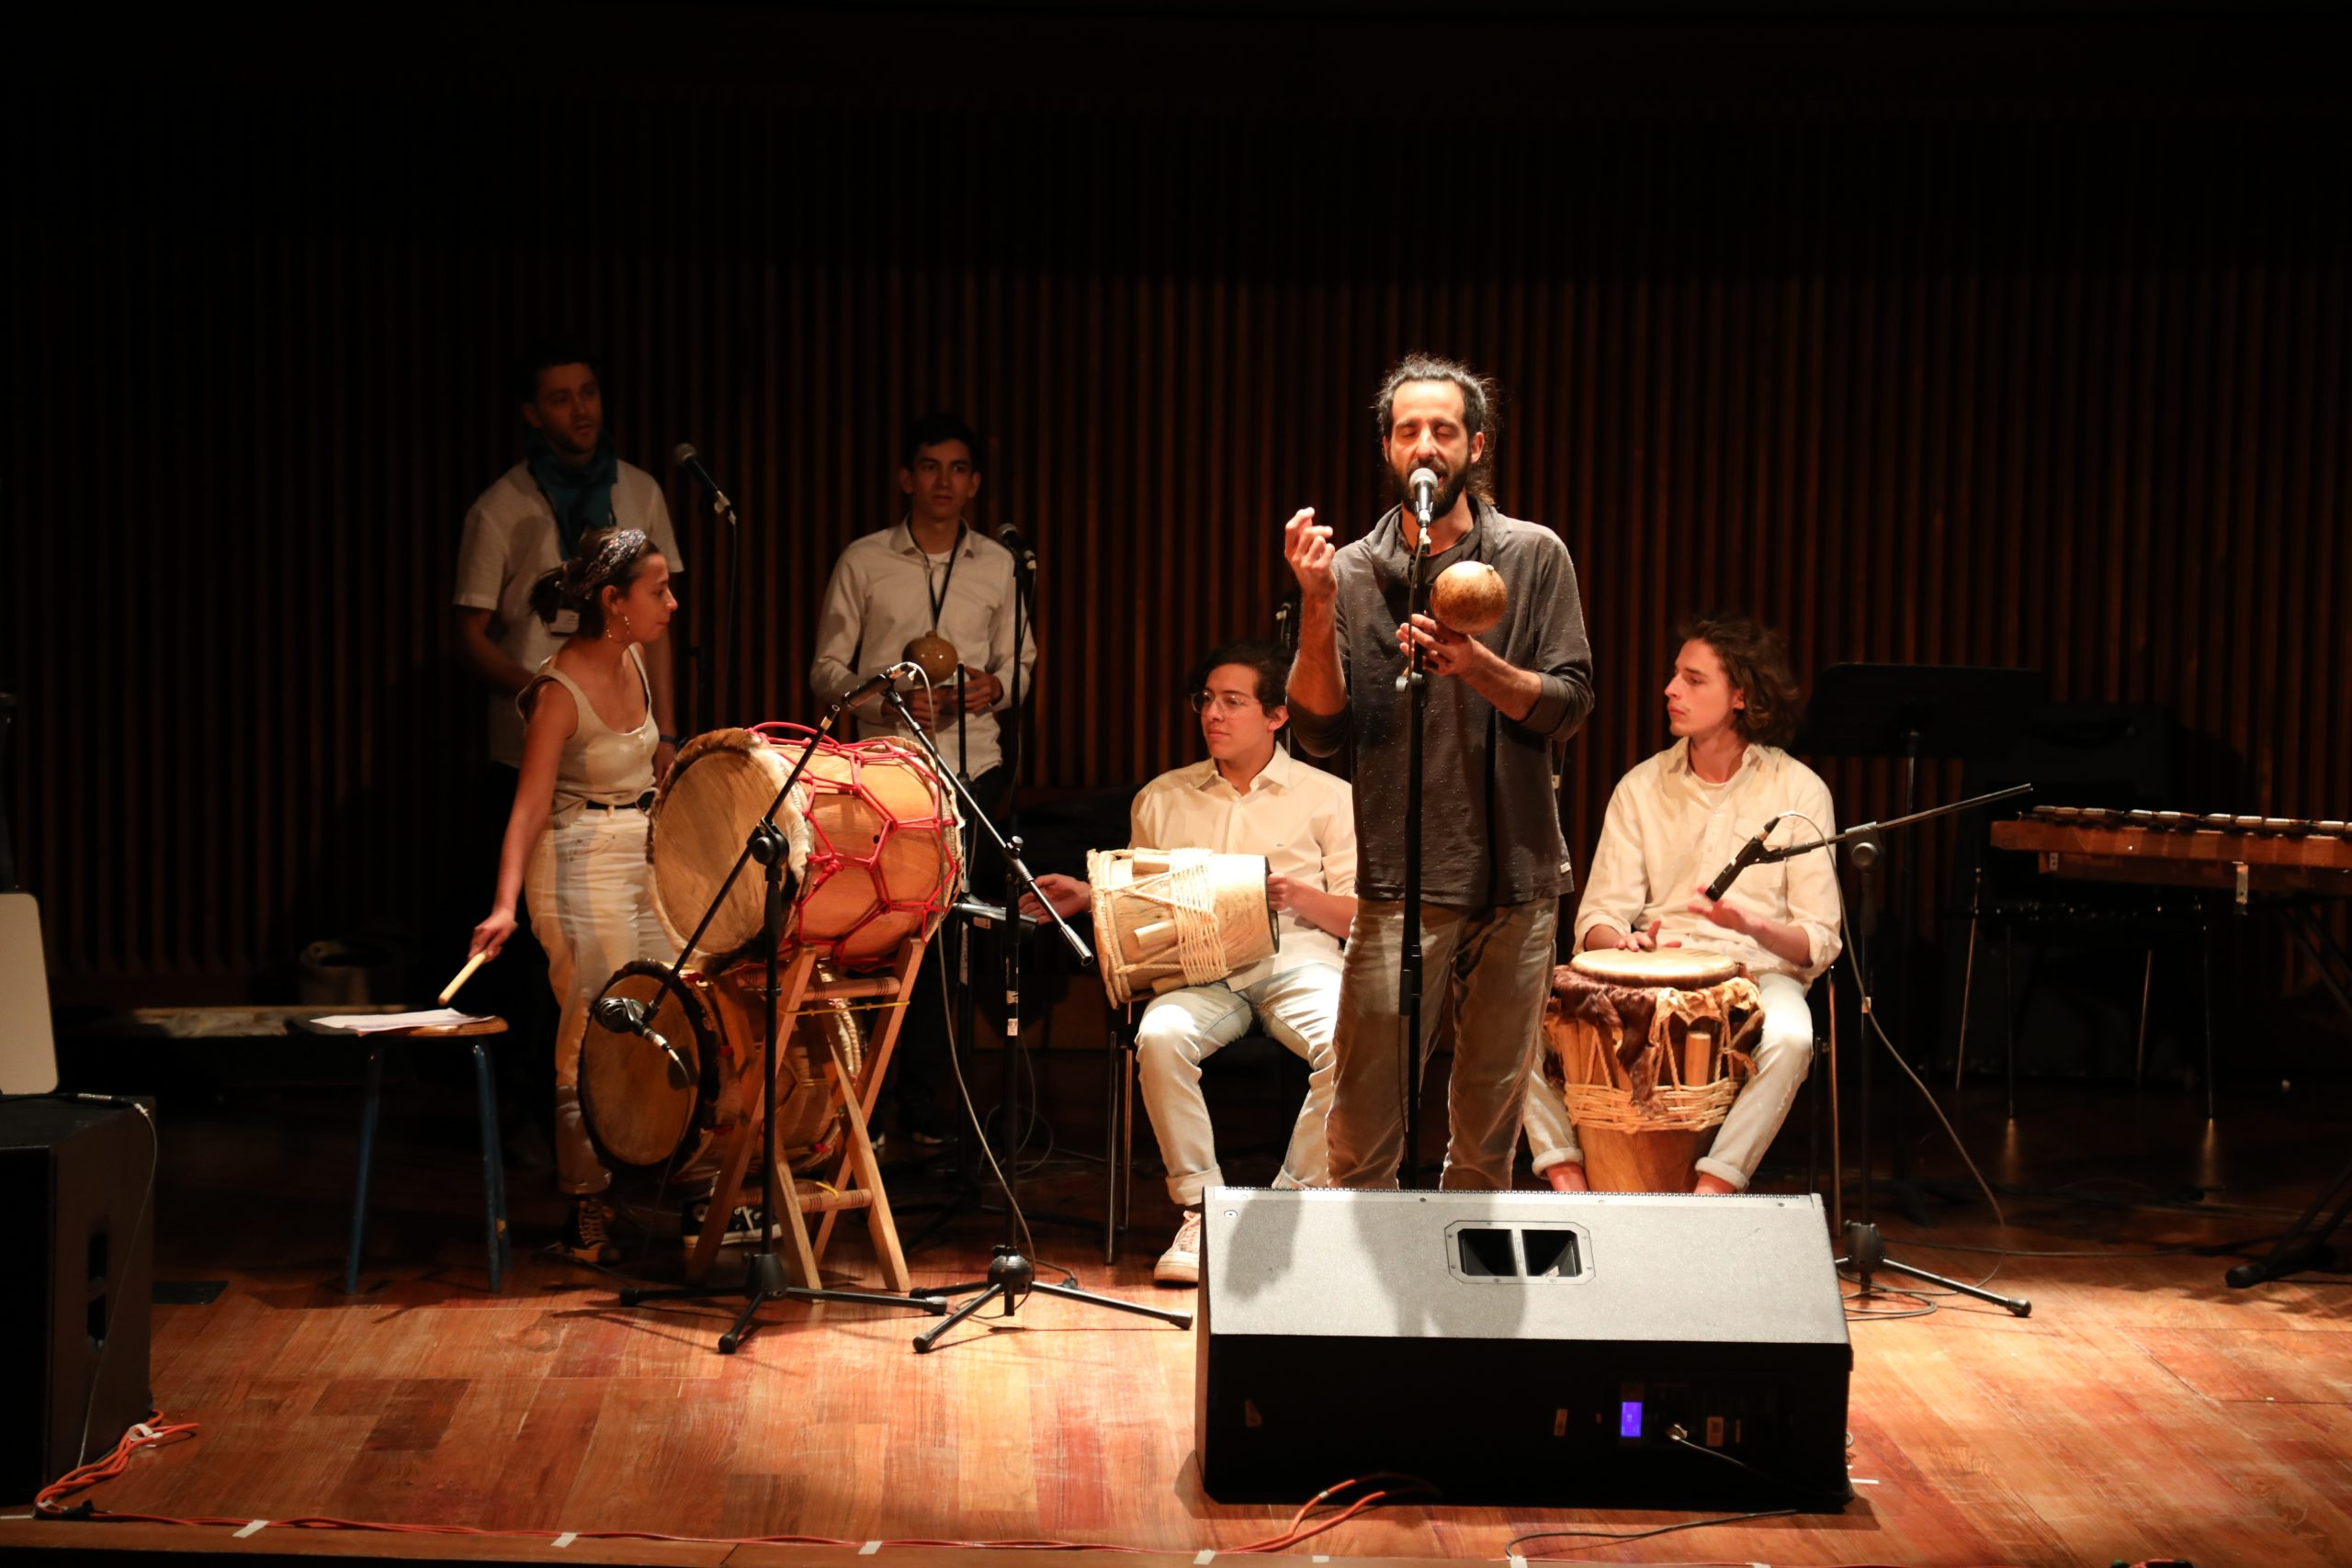 """Galería: Simposio internacional """"Música, tradición y creatividad en la era digital: nuevas perspectivas etnomusicológicas desde el Sur Global"""""""